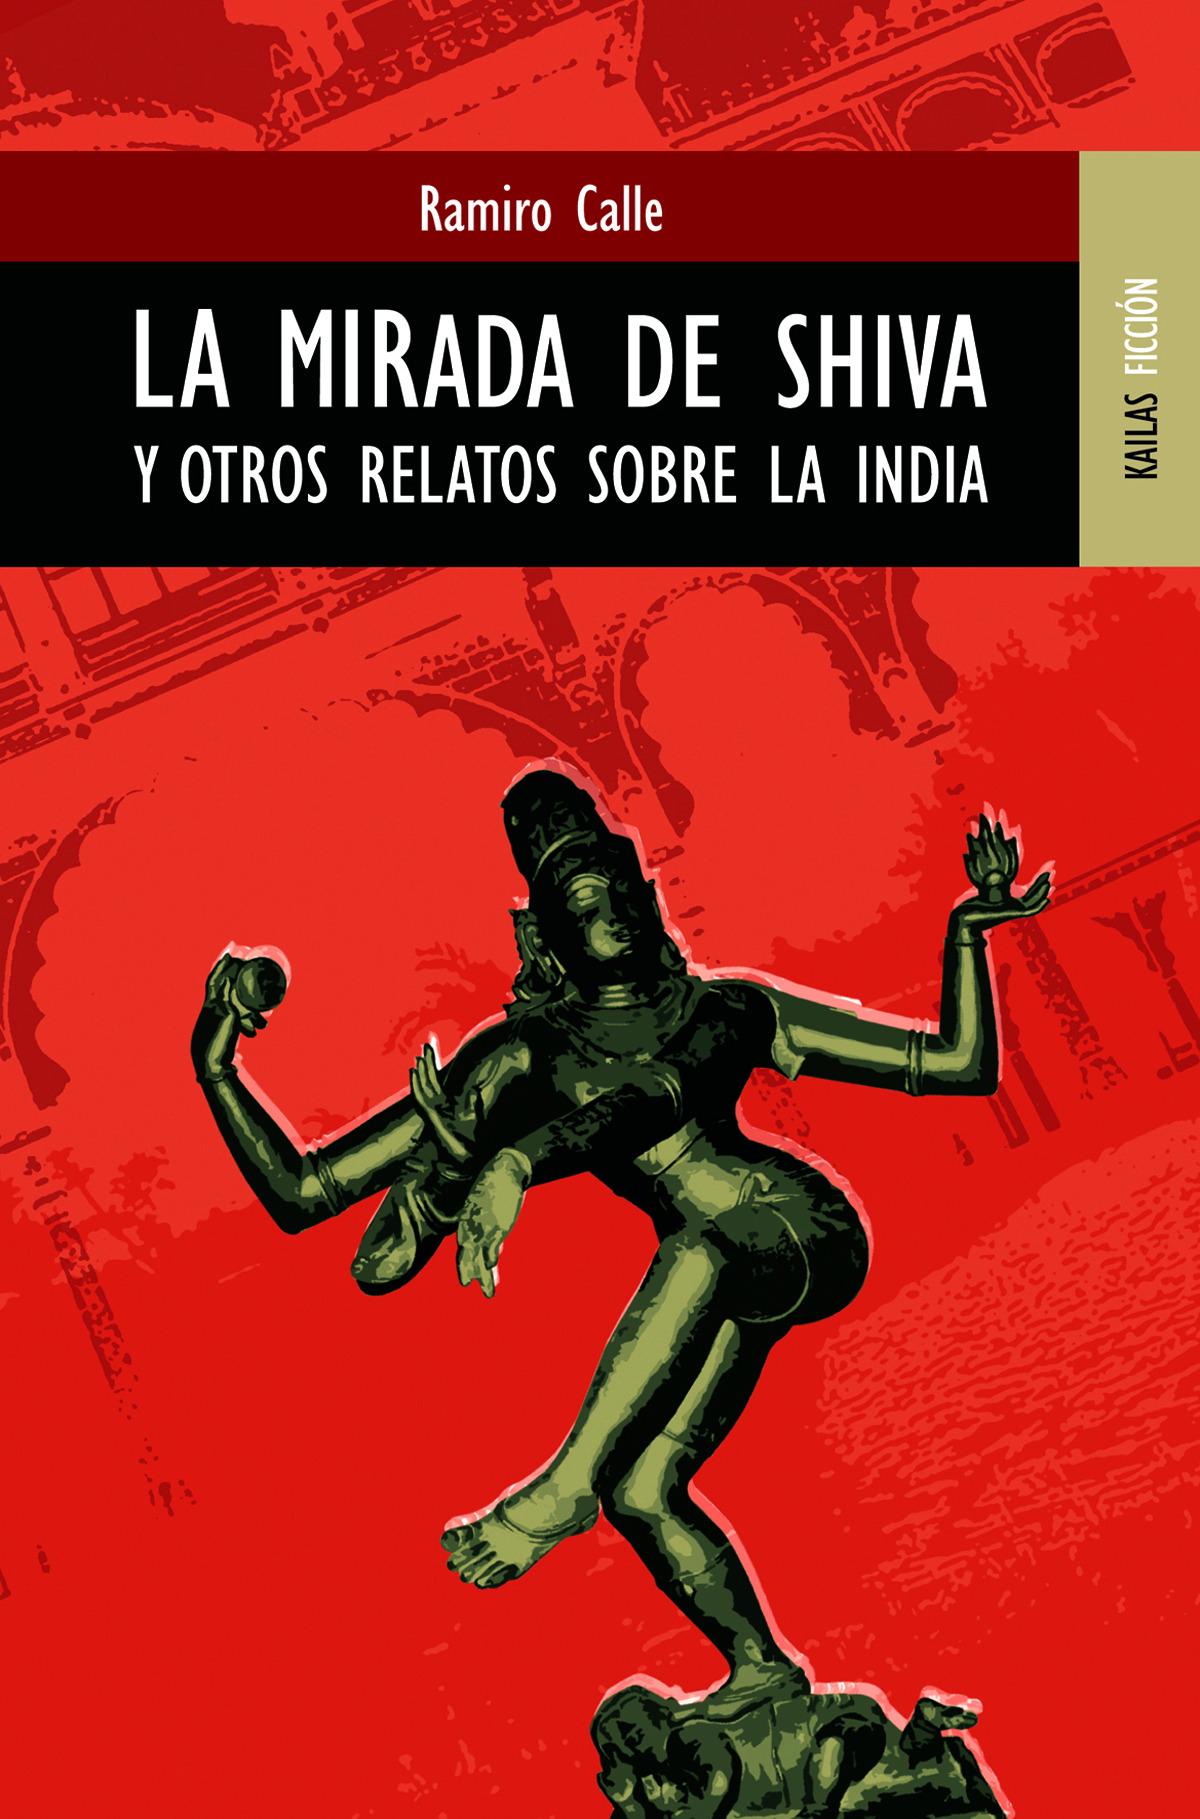 Mirada de shiva y otros relatos sobre la india 9788489624214